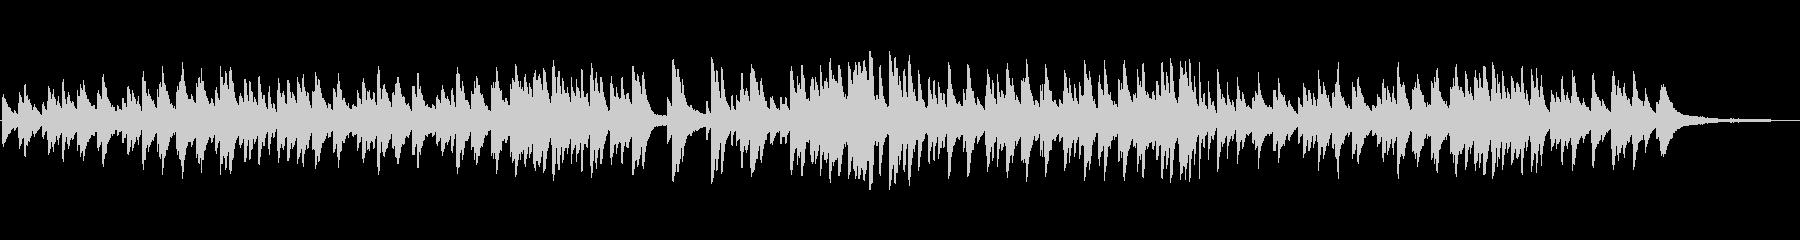 ピアノソロでアラフォー応援ソングの未再生の波形